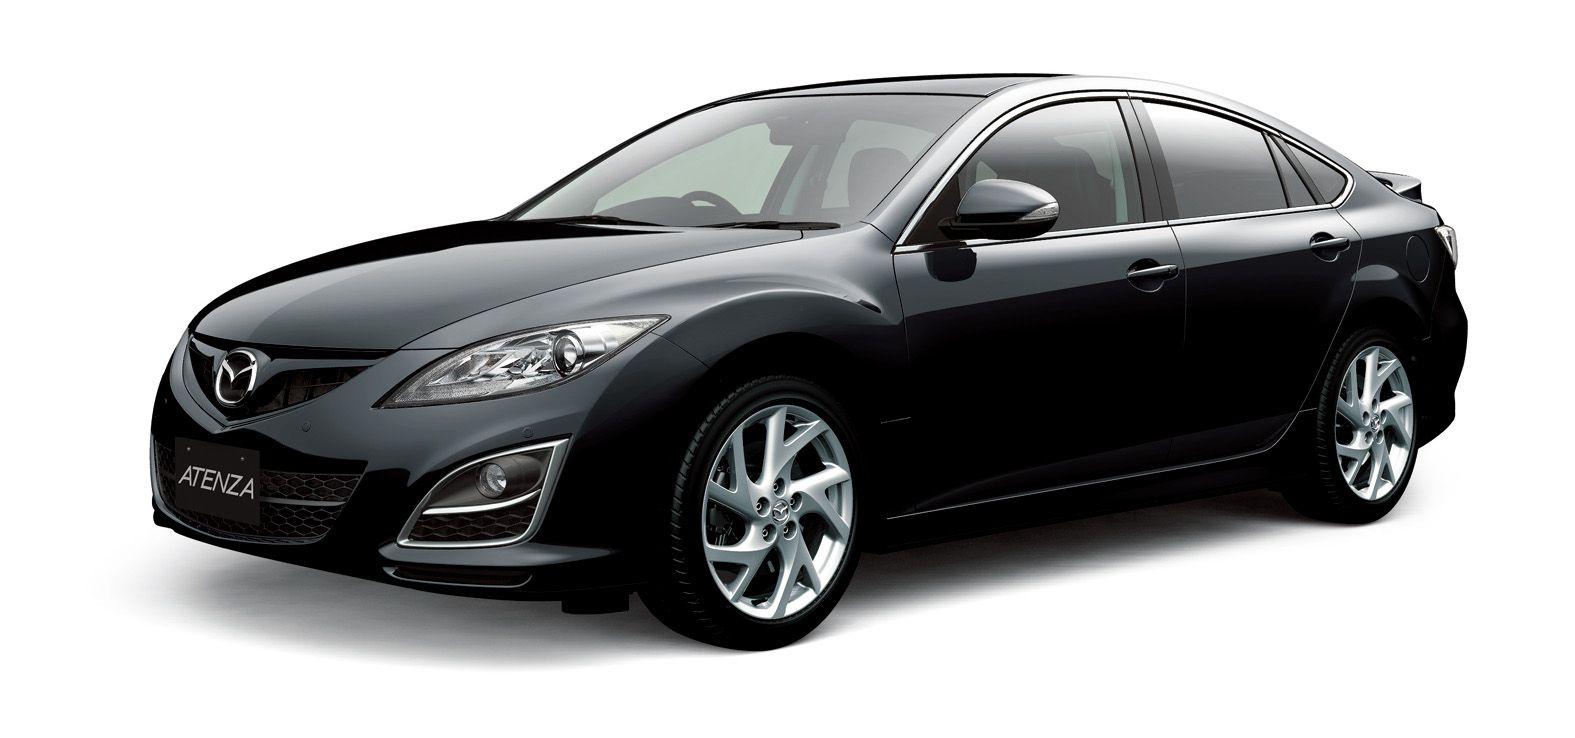 Kelebihan Kekurangan Mazda 6 2011 Harga